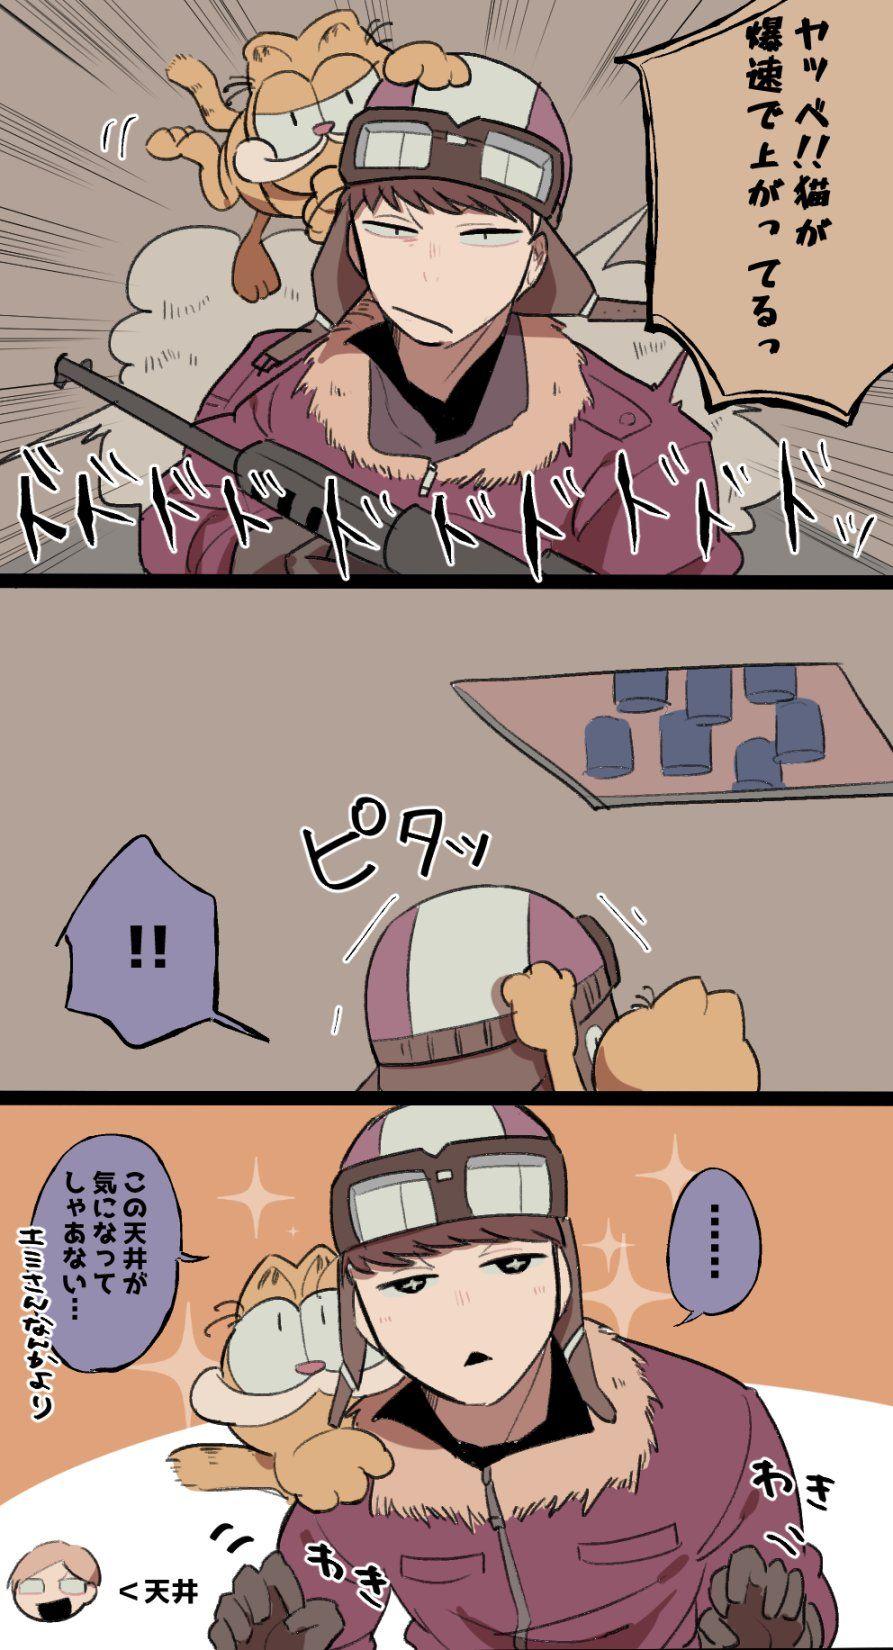 ショッピ小説 後輩君の短編(wrwrd)